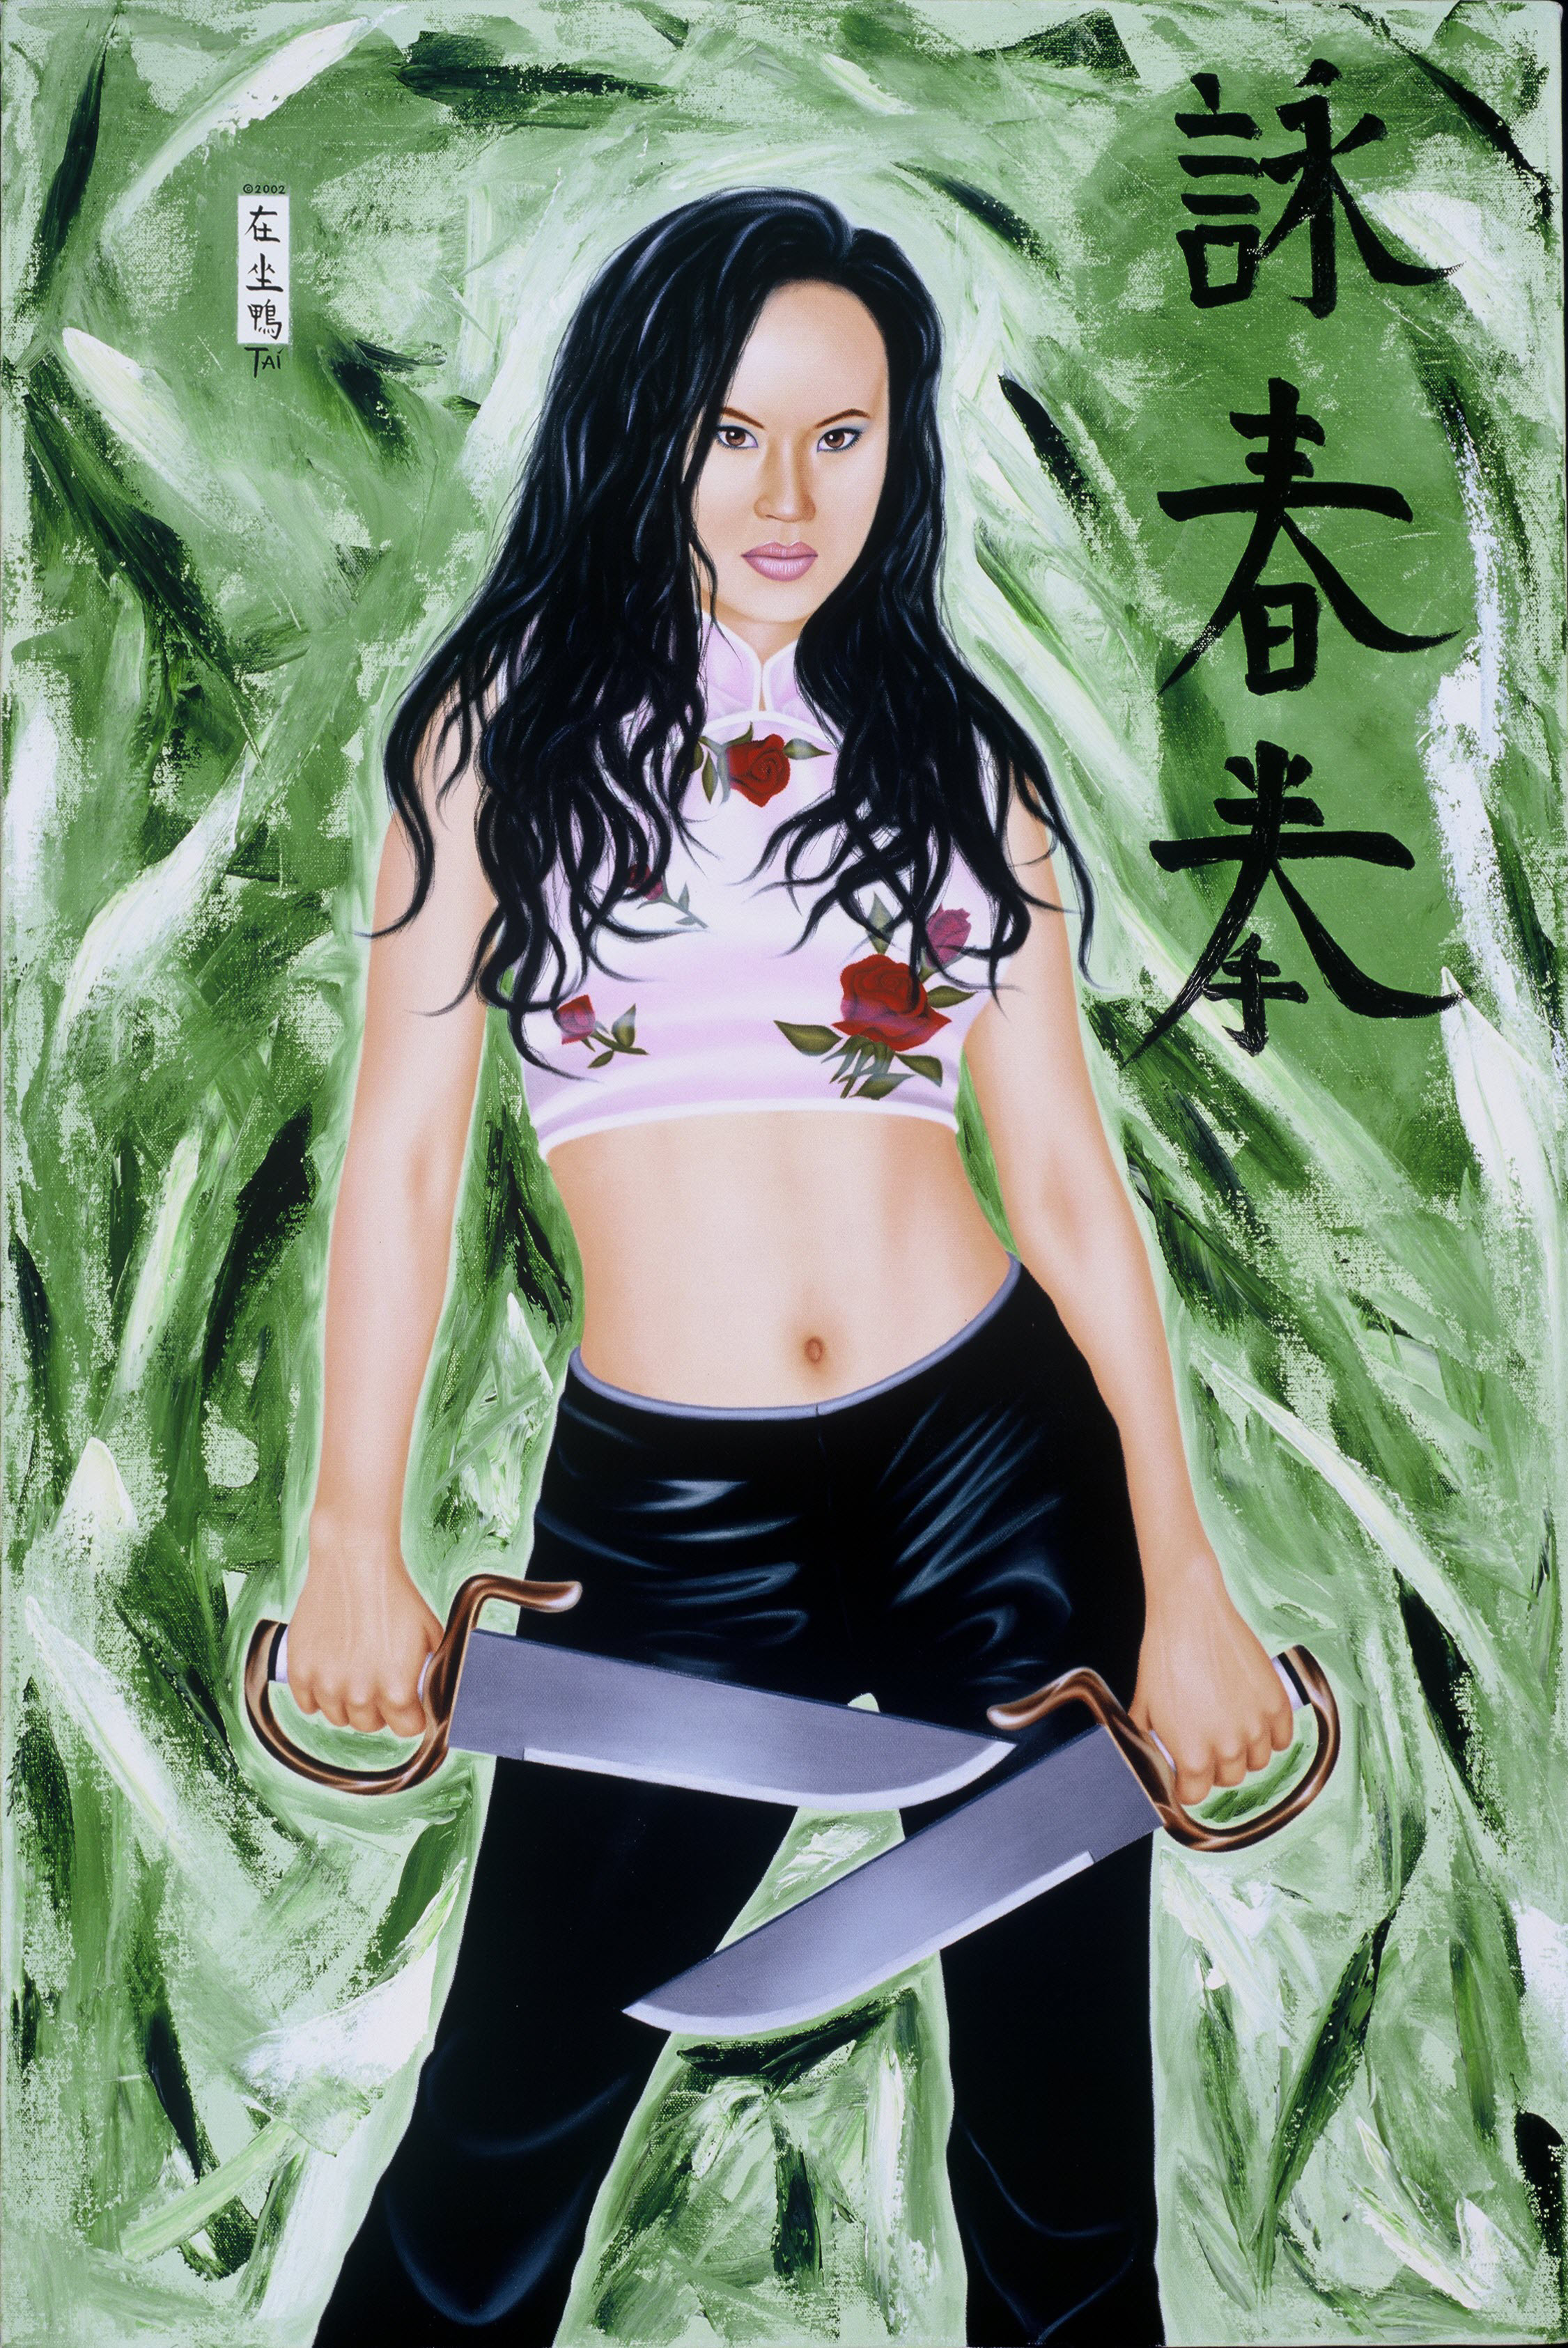 Artist Hangout 21 - Hong & Wing Chun Butterfly Swords (2002) (oil) - By Artist Tai Zen